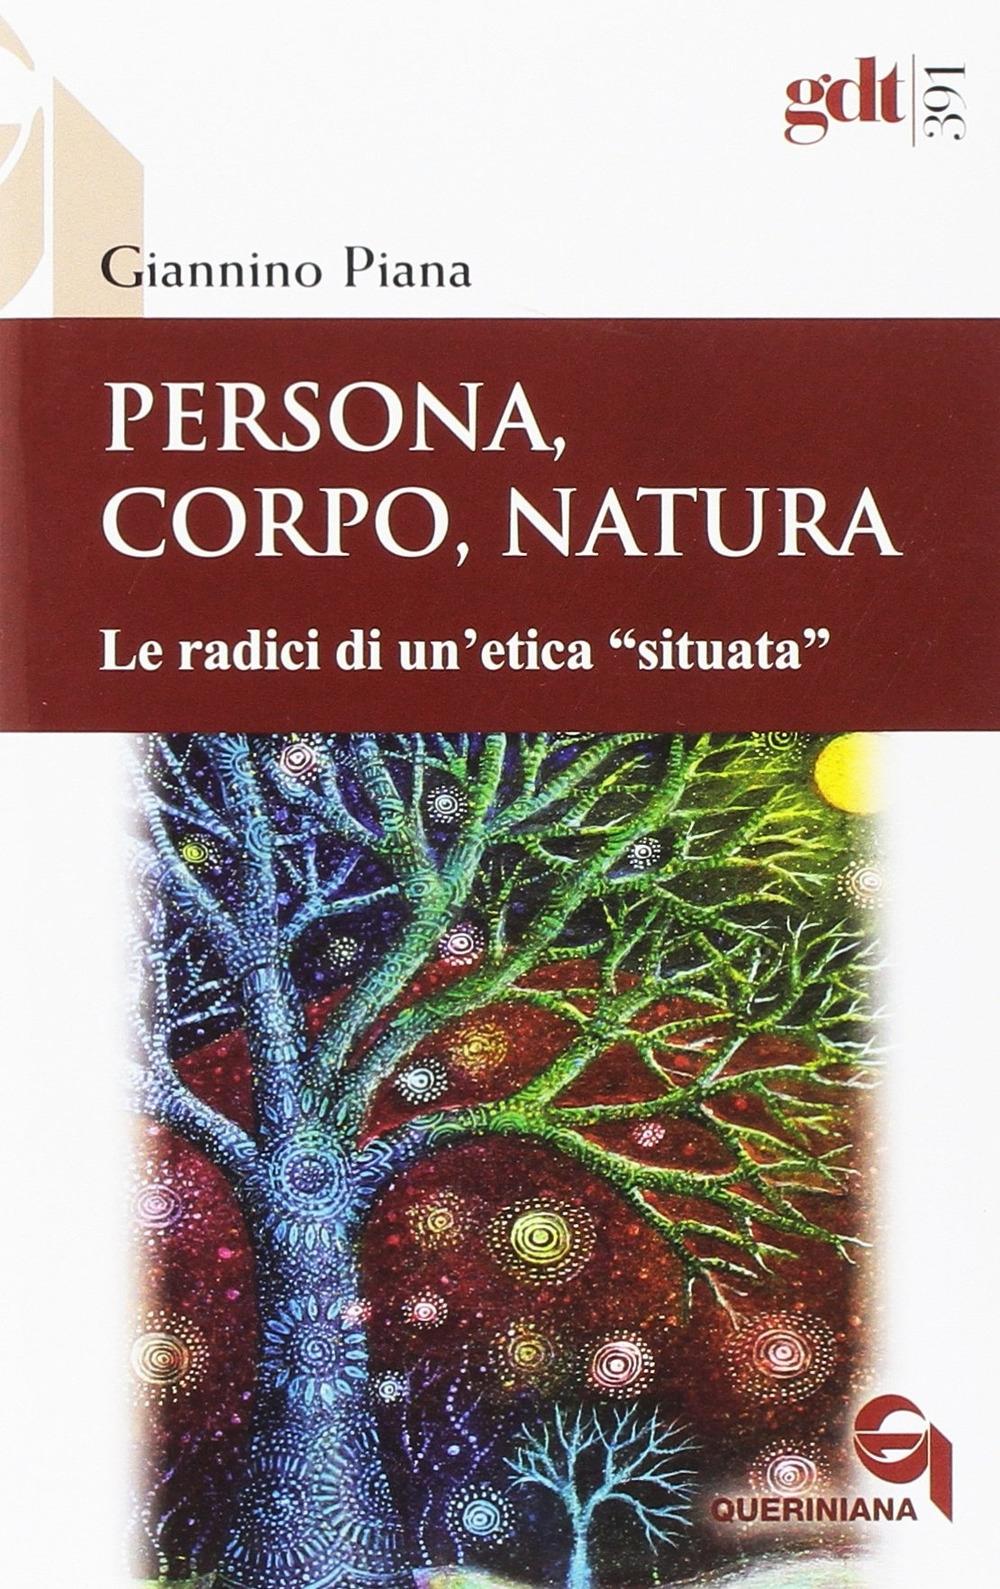 Persona, corpo, natura. Le radici di un'etica